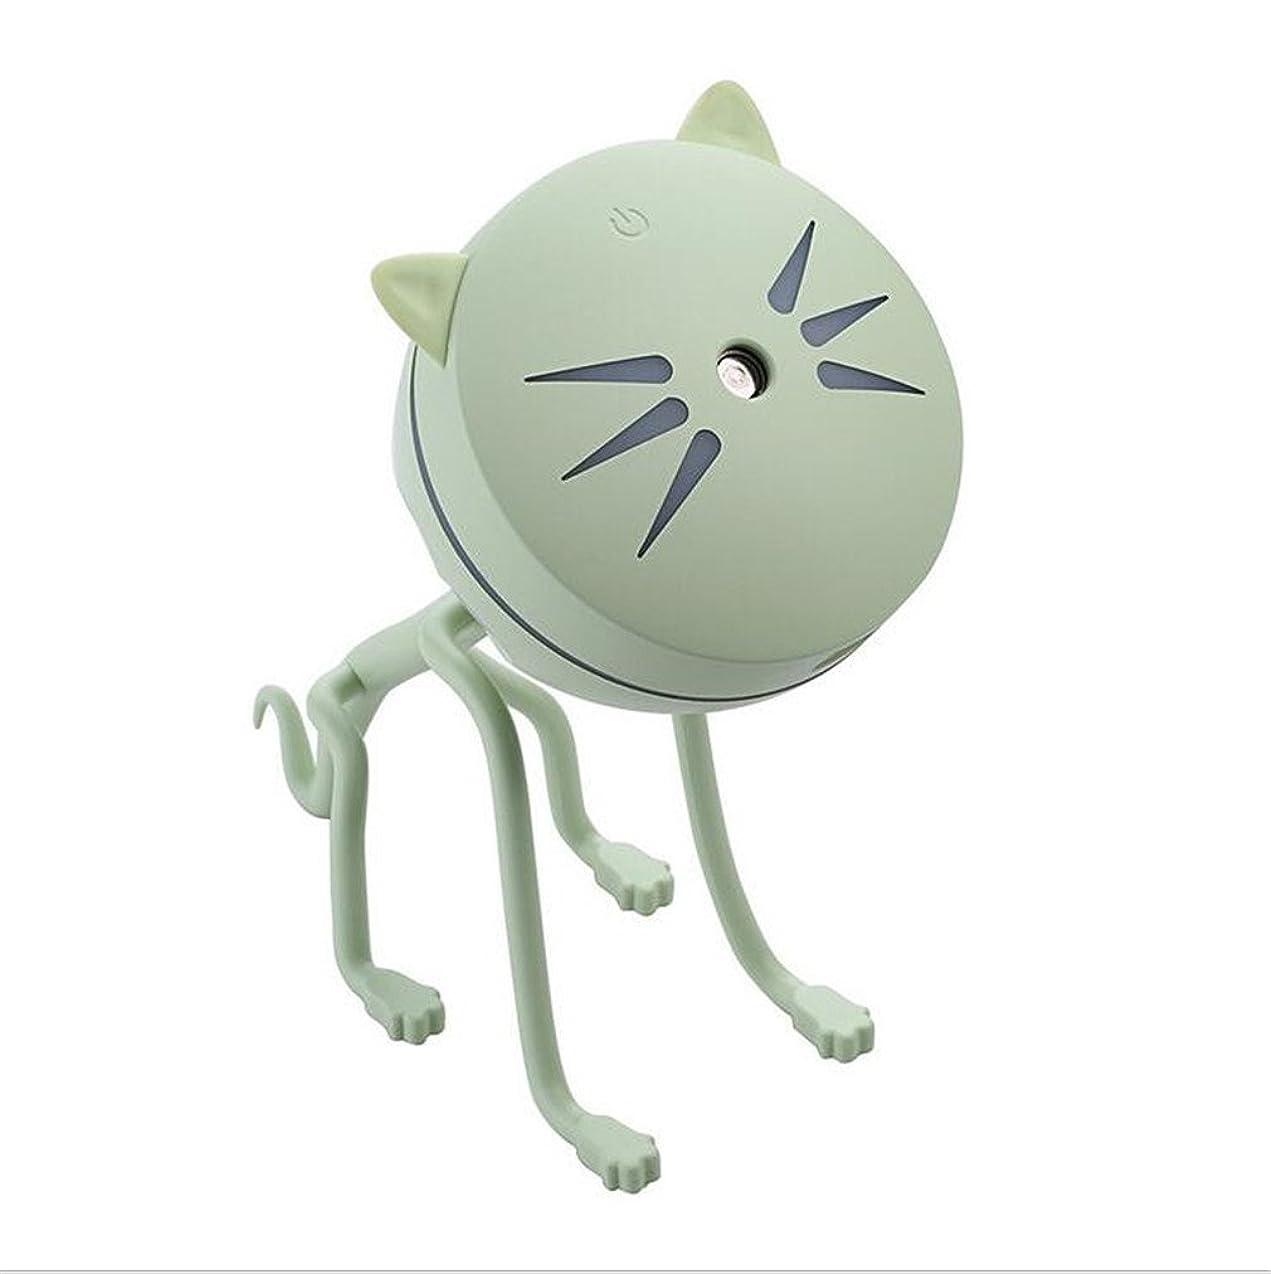 装備する見捨てられたクリアMini USB加湿器、150Mlクールミストアロマエッセンシャルオイルディフューザー空気清浄機加湿器、寝室のオフィス、車のための水無しオートシャットオフ機能